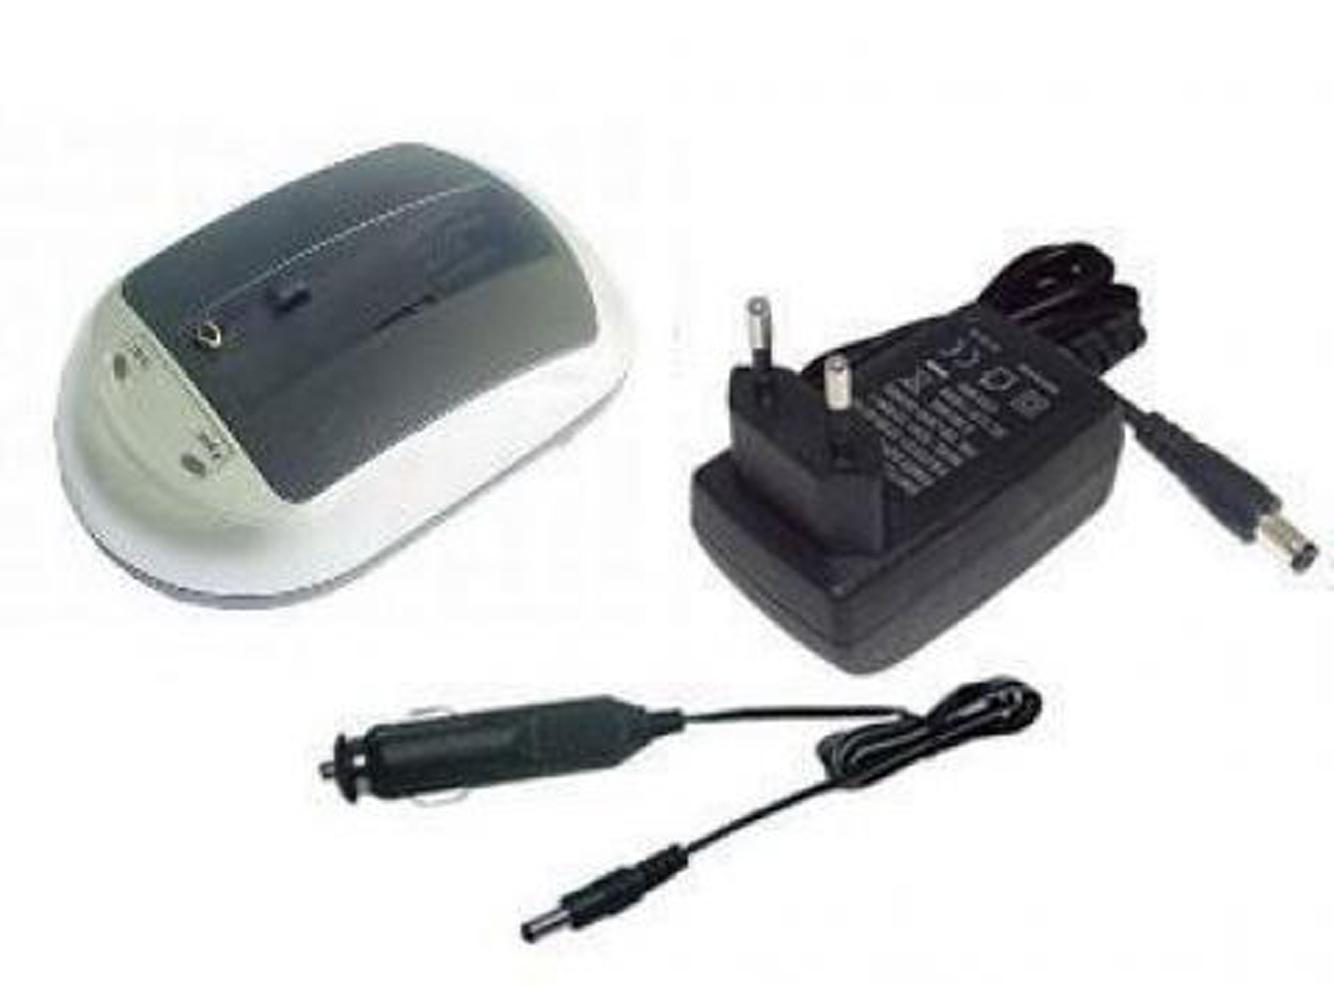 Battery Charger for JVC BN-V712U, BN-V714, BN-V714U, AA-V70U, AA-V70